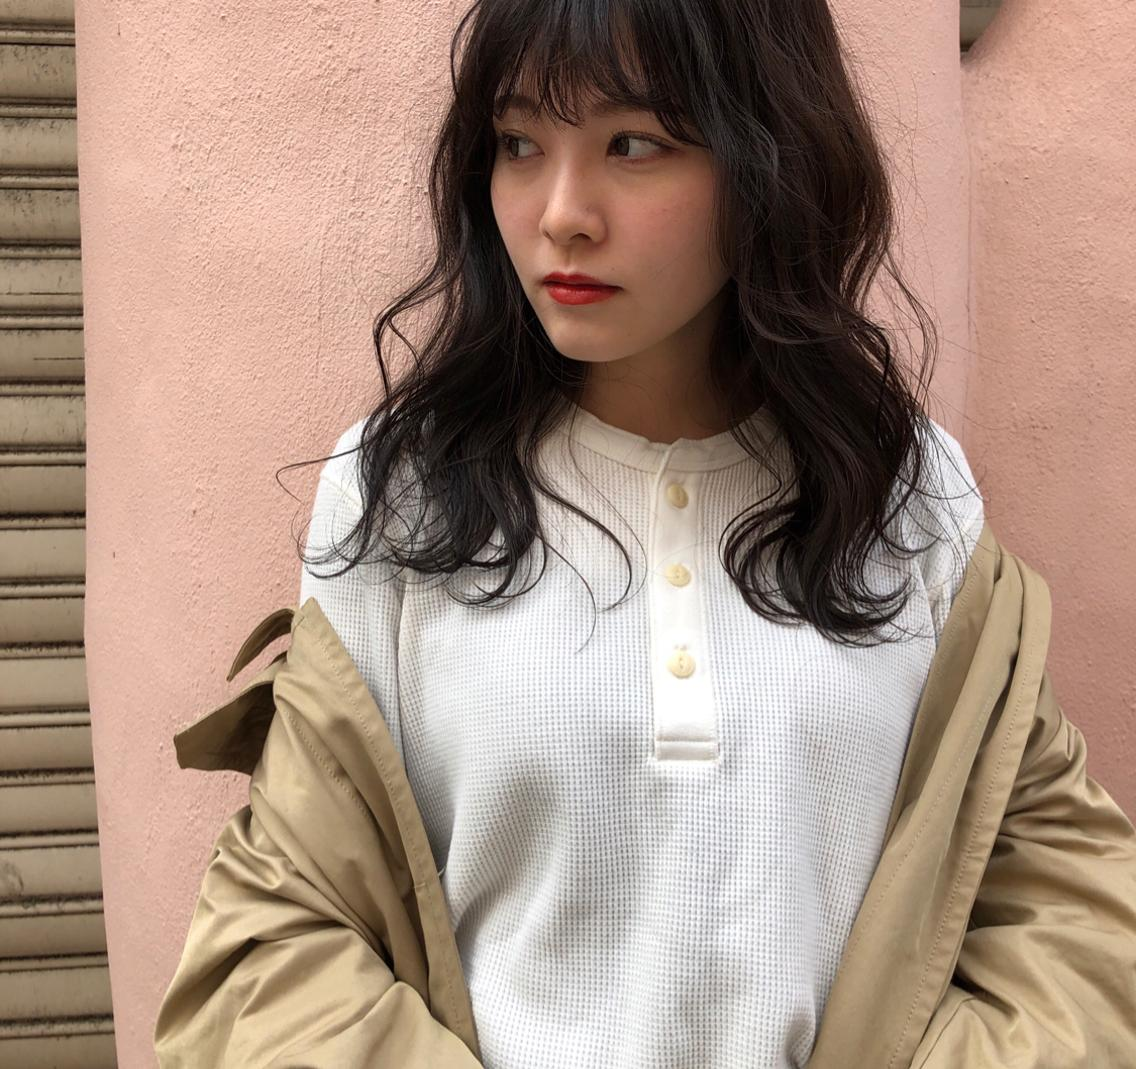 梅田茶屋町👗ポイントカラー1番人気👛個性を活かしたデザインカラーならお任せください🧥ポイントブリーチ👖 ニュアンスと柔らかい雰囲気作り👡お悩みいっしょに改善していきましょう🧤